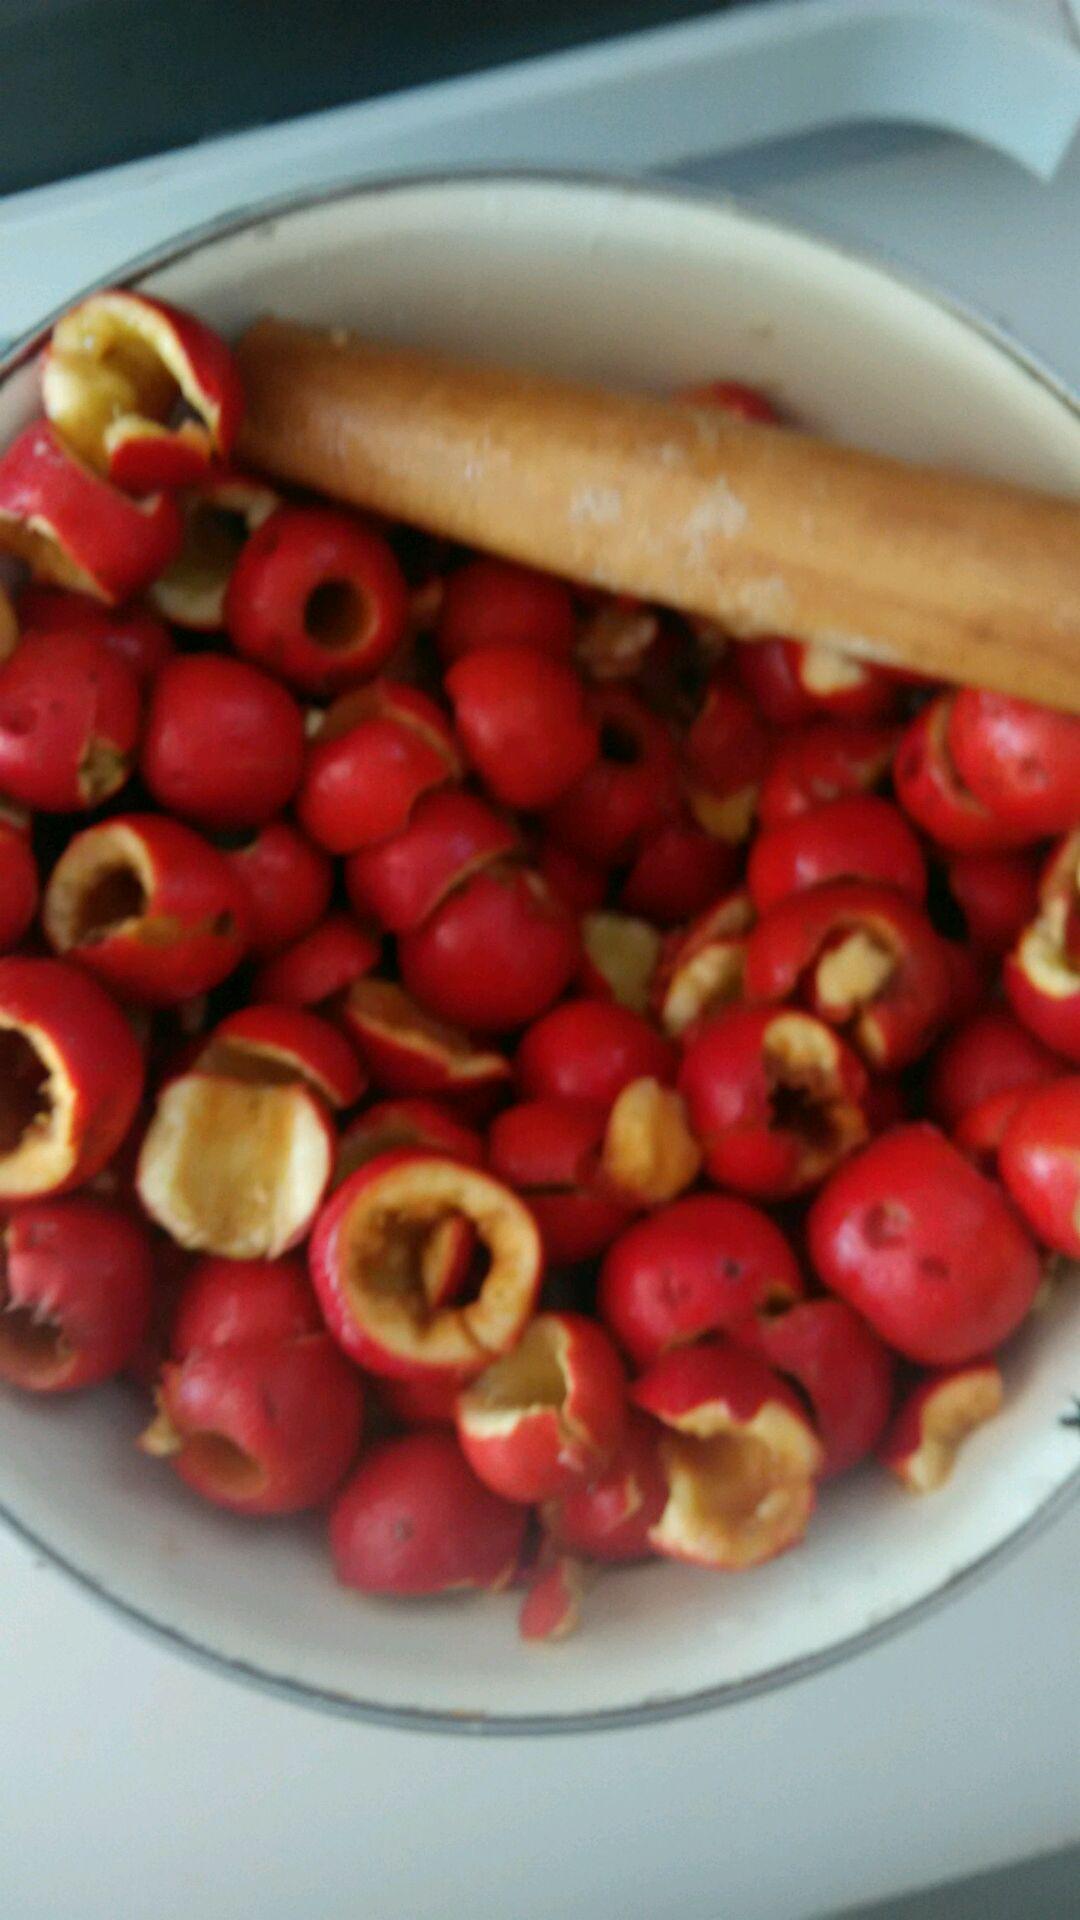 山楂果酱的做法和步骤第2张图